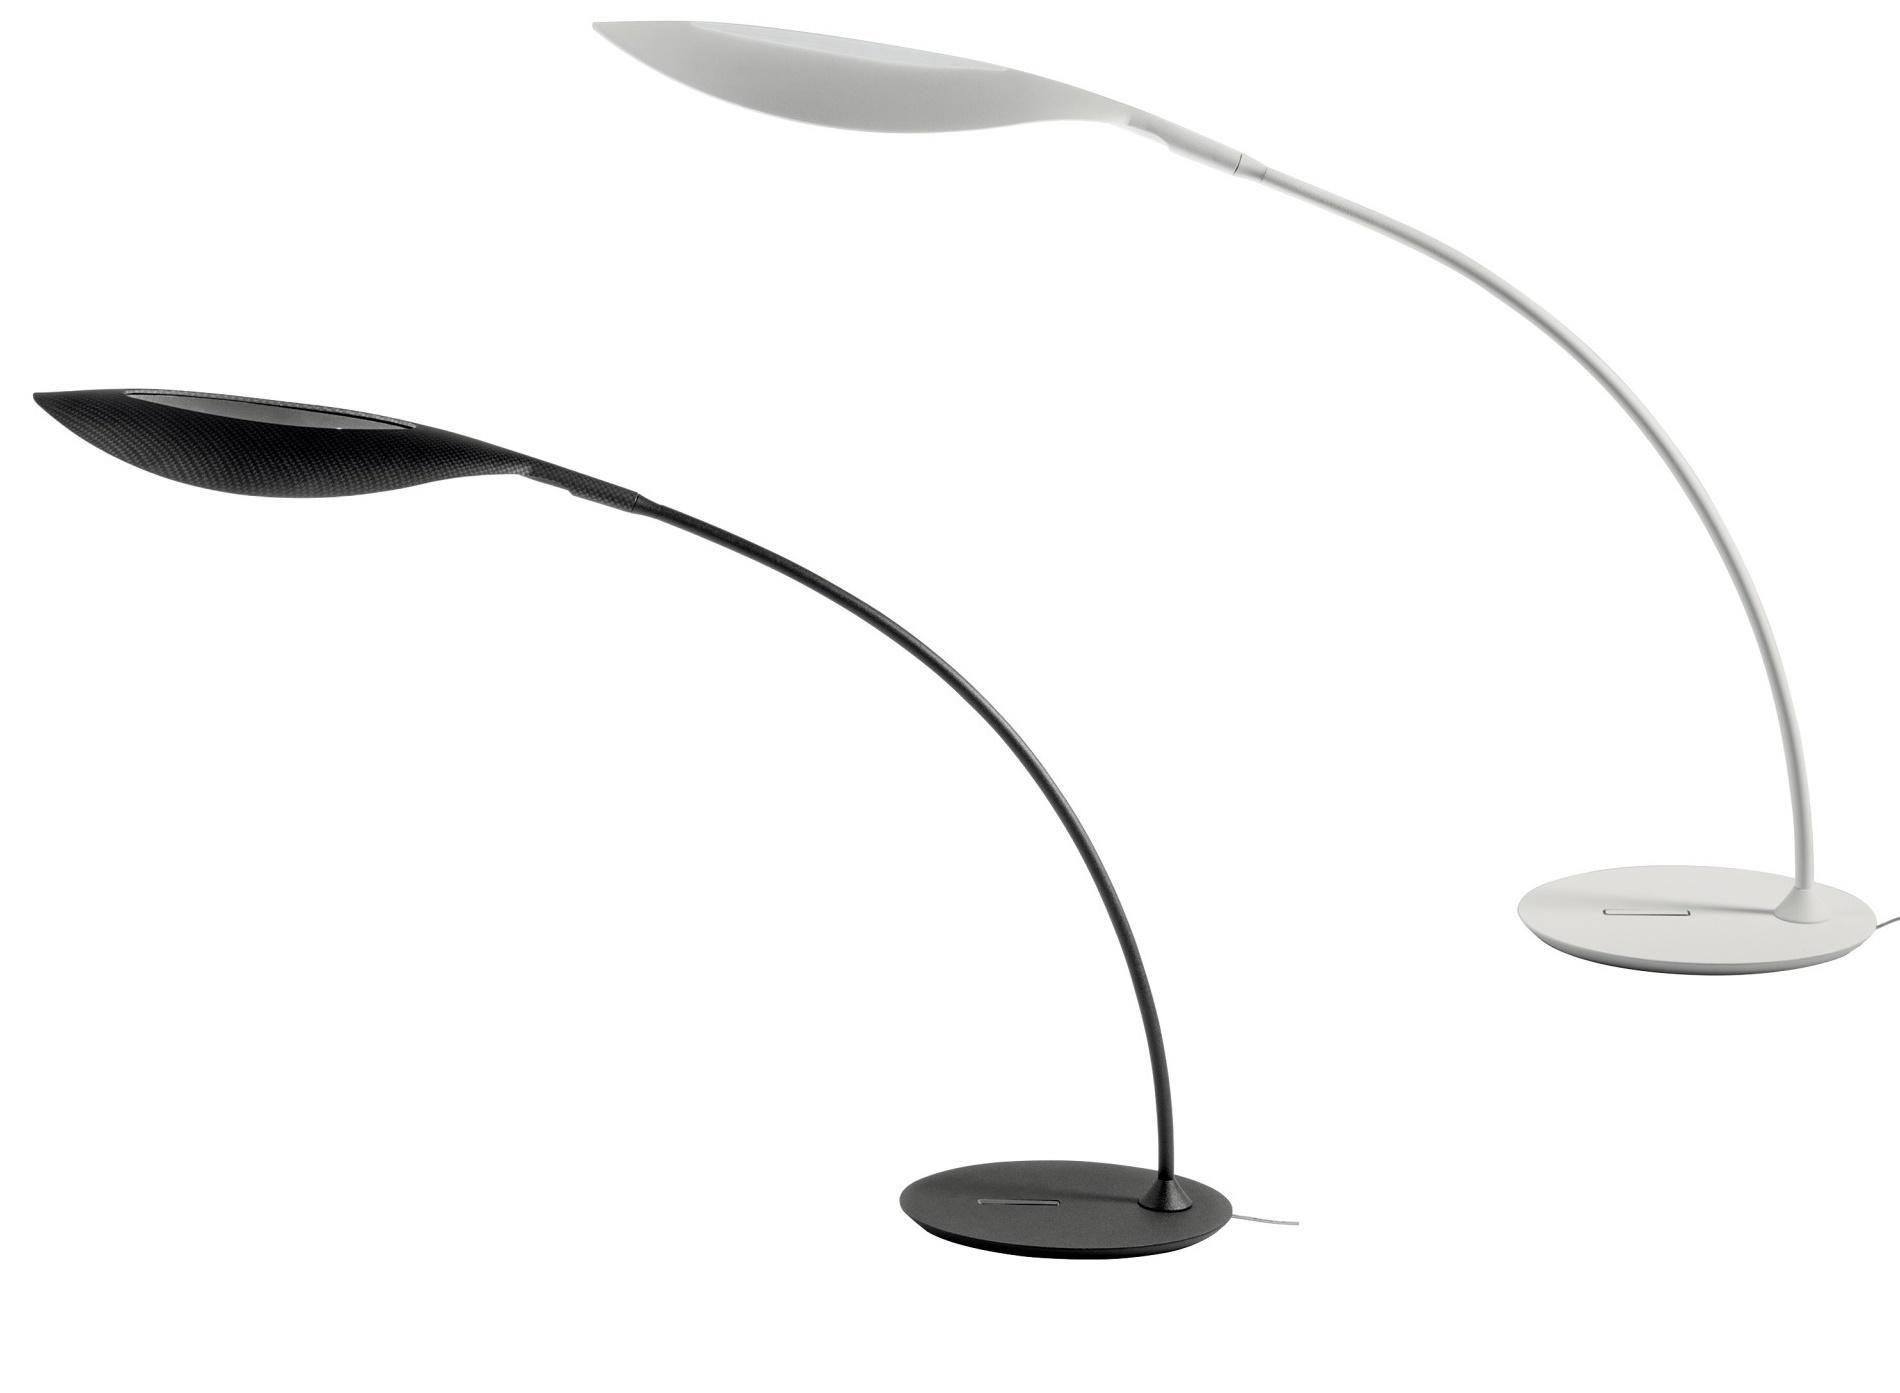 Linea Light Linea amp;de FoliaLightMa FoliaLightMa Light amp;de CxBordeW